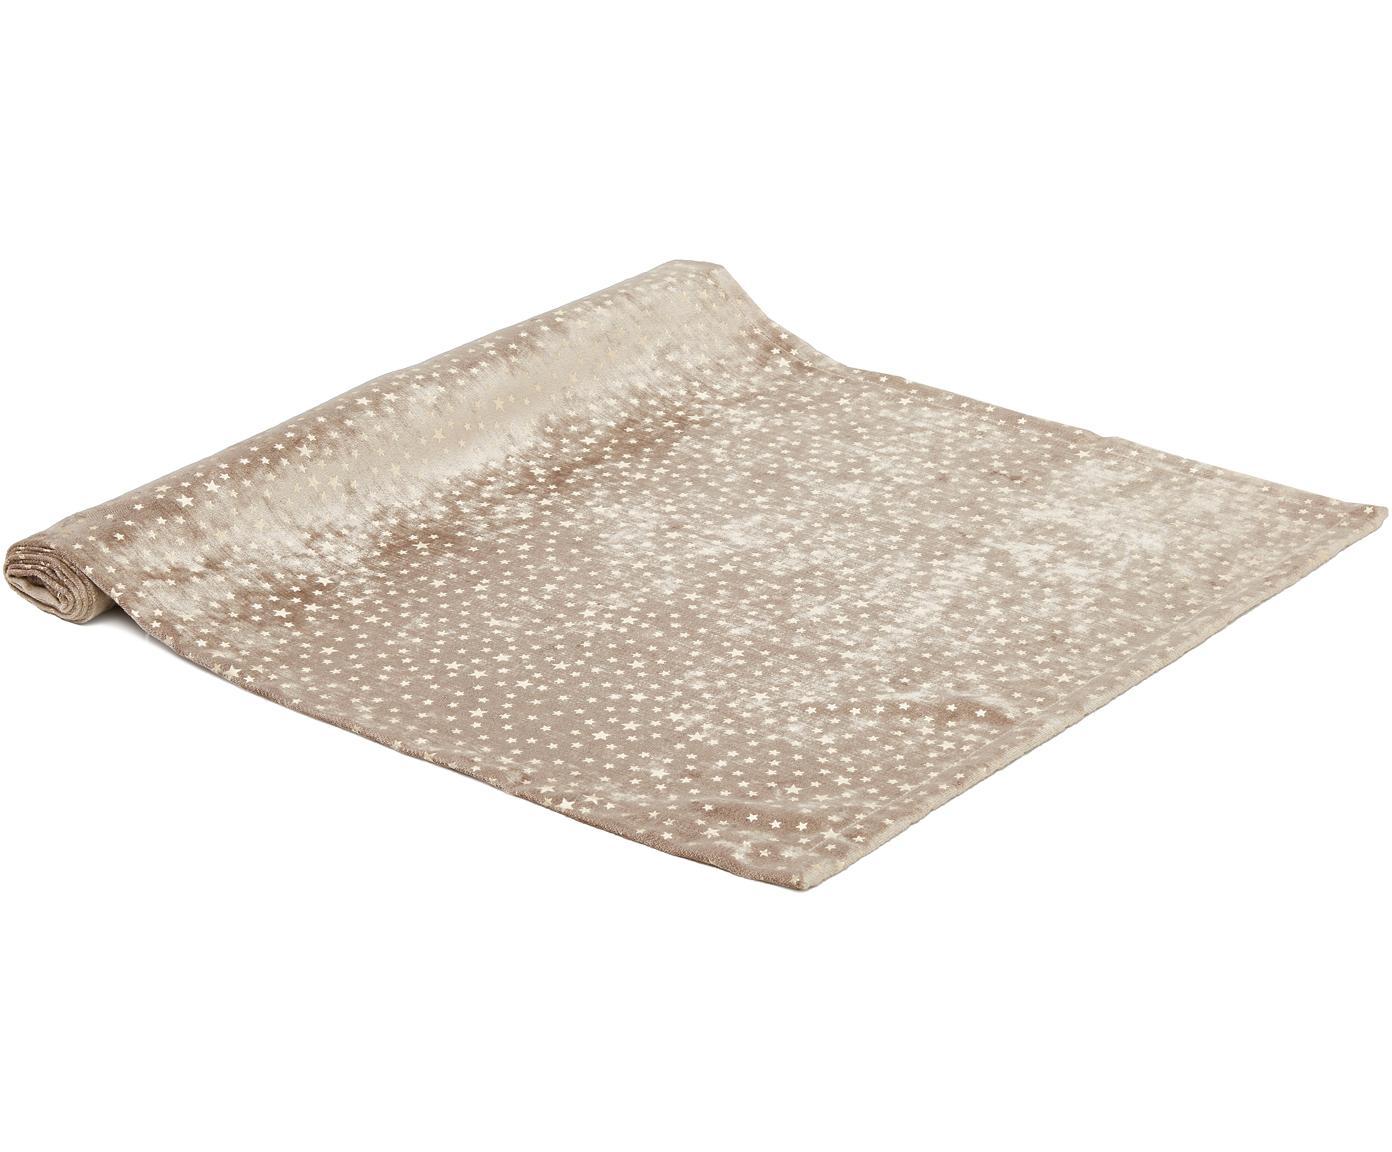 Samt-Tischläufer Estrella mit feinen Punkten, Polyestersamt, Beige, Goldfarben, 50 x 140 cm